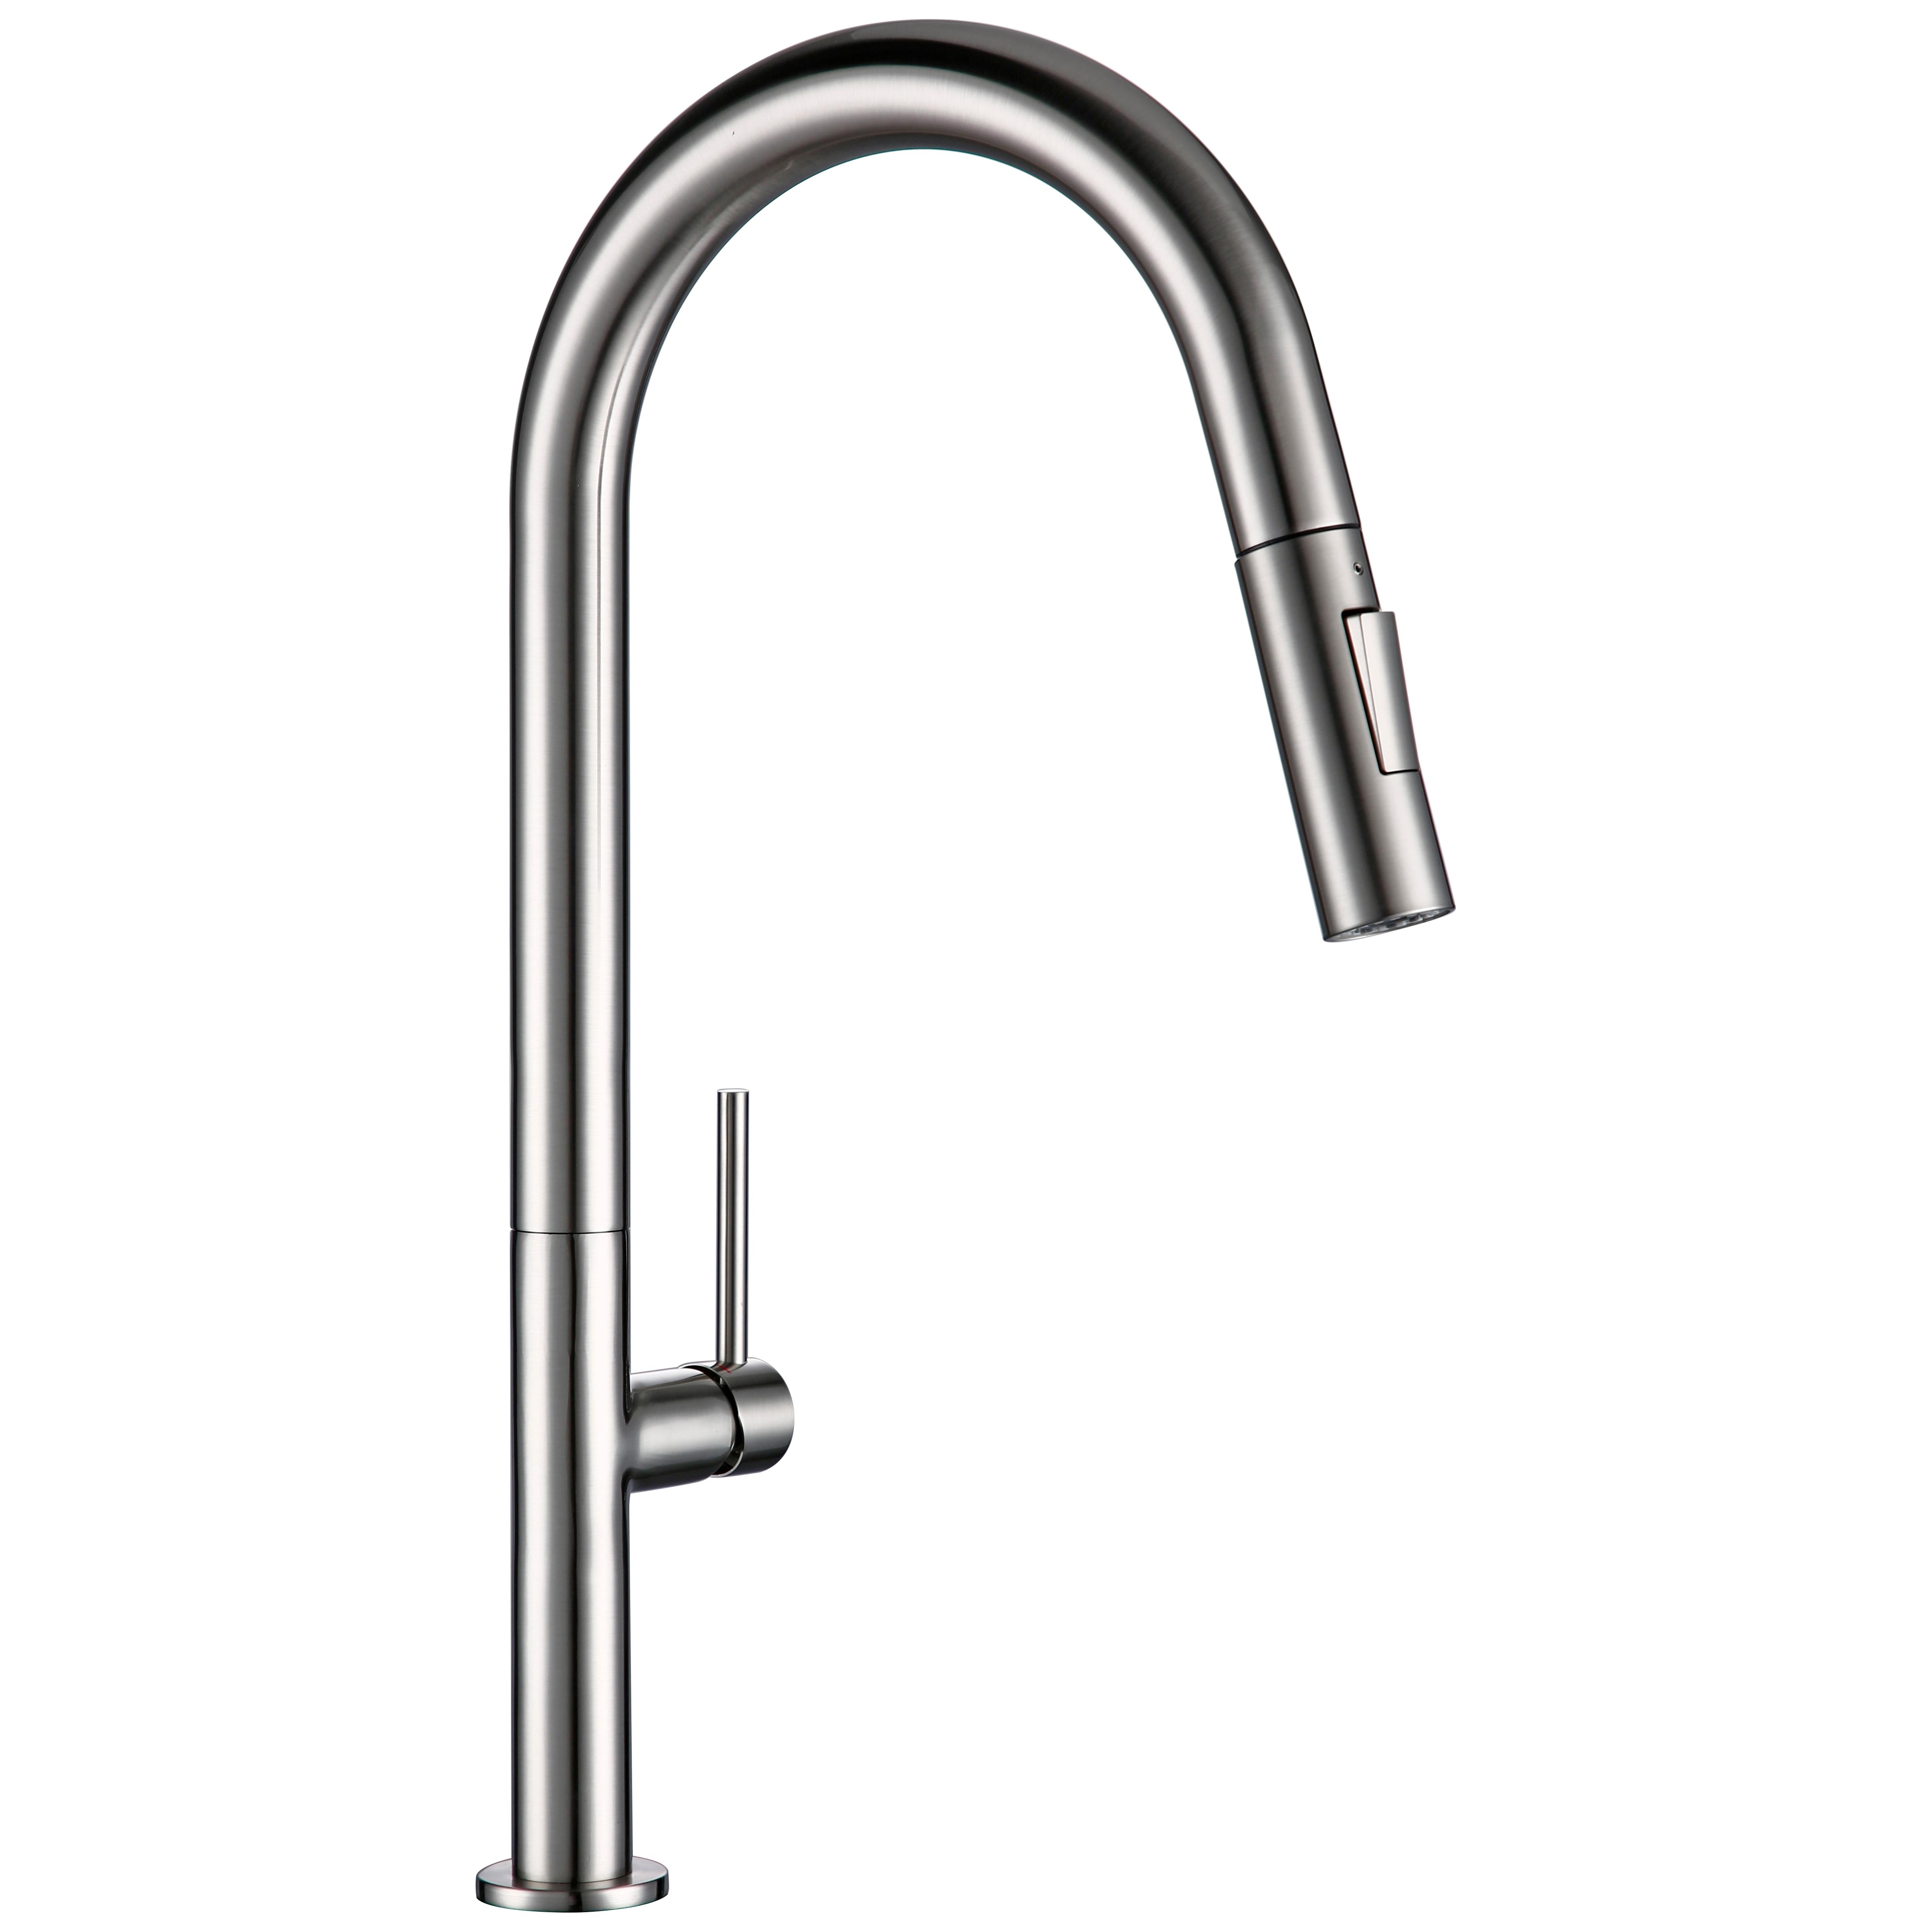 Messing Pull Out Kitchen Wasserhahn Gebürstetem Chrom und Schwarz 360 grad drehung küche Heißes und kaltes wasser Waschbecken wasserhähne Küche wasserhahn